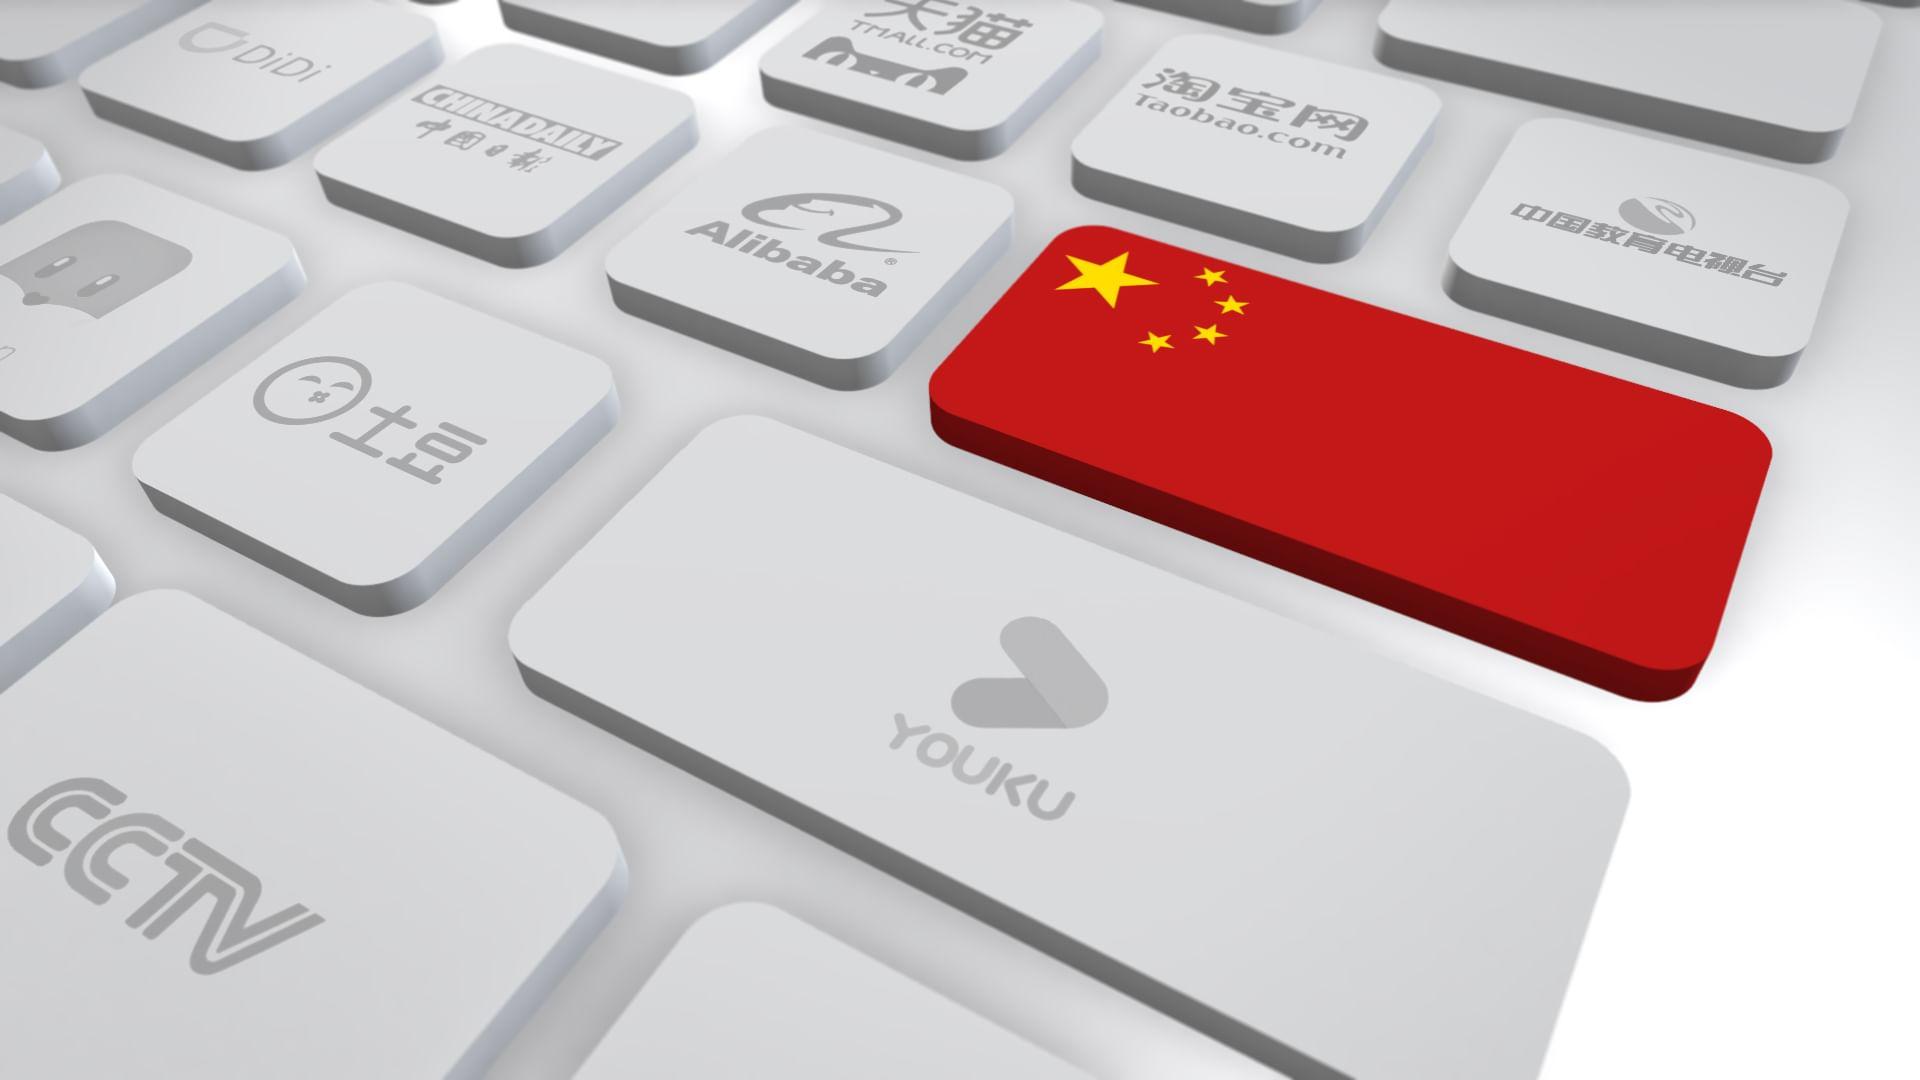 Gdybyś był Chińczykiem